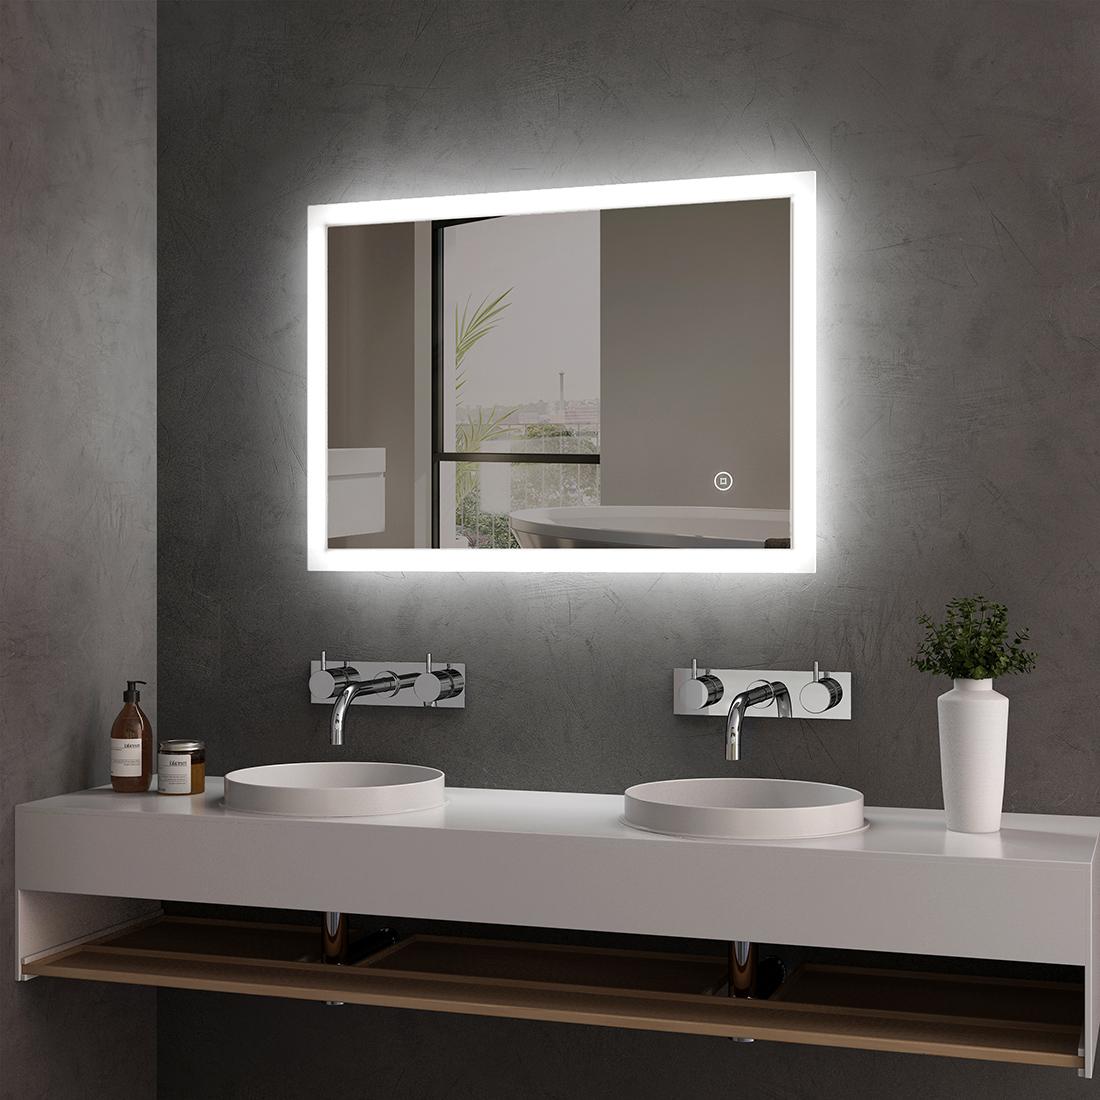 LED Badspiegel 70x50 cm mit Touch Beleuchtung Beschlagfrei Badezimmerspiegel